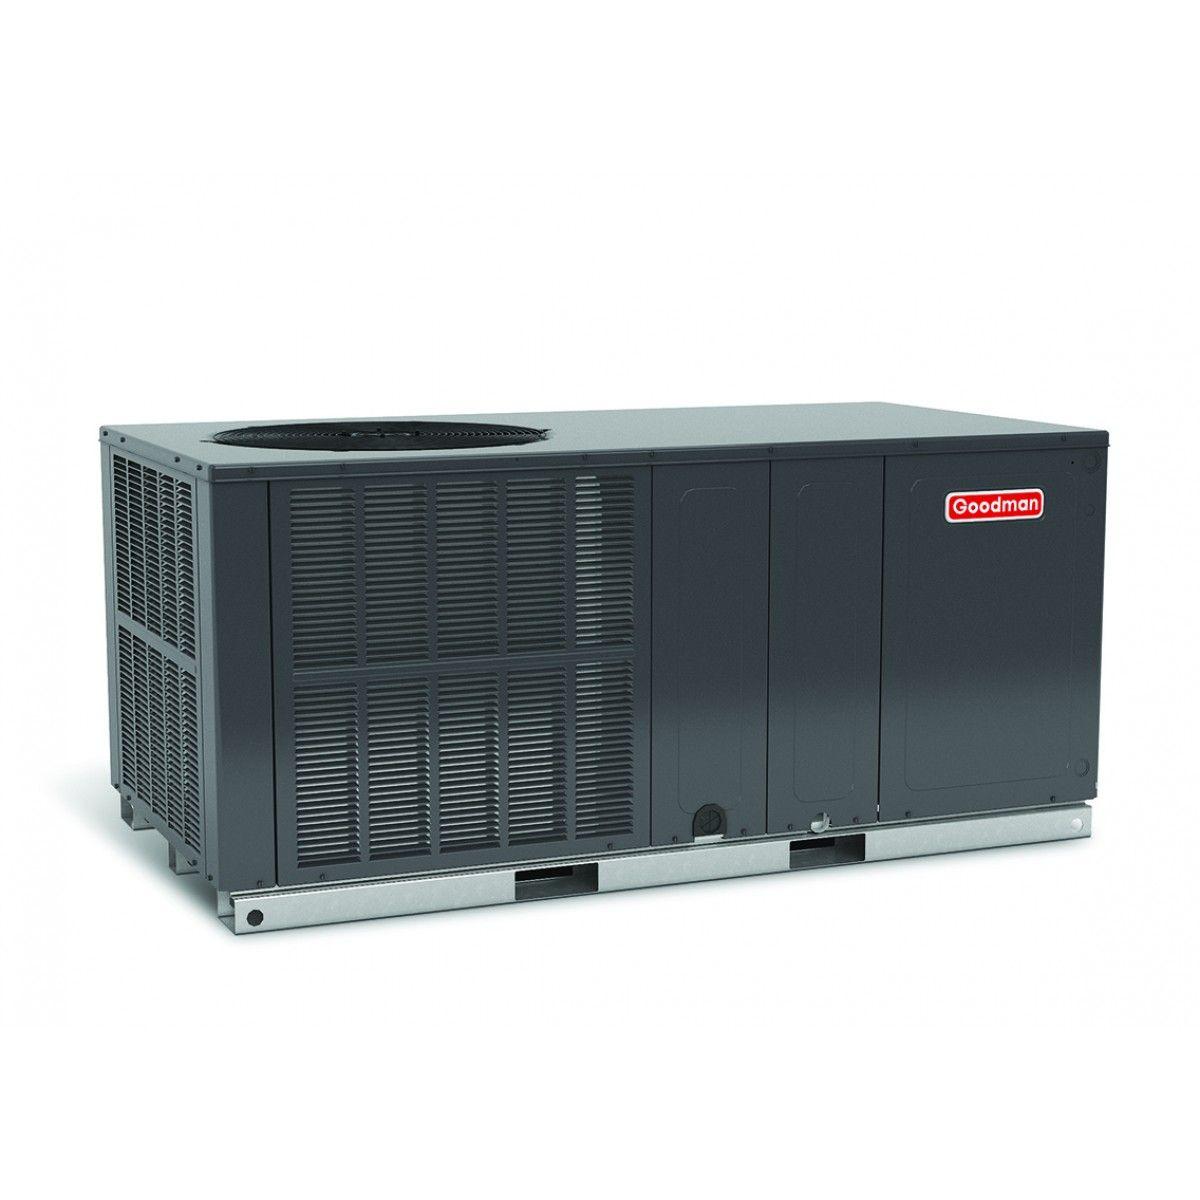 goodman heat pump package unit wiring diagram av jack 3 0 ton 14 seer electric horizontal more views